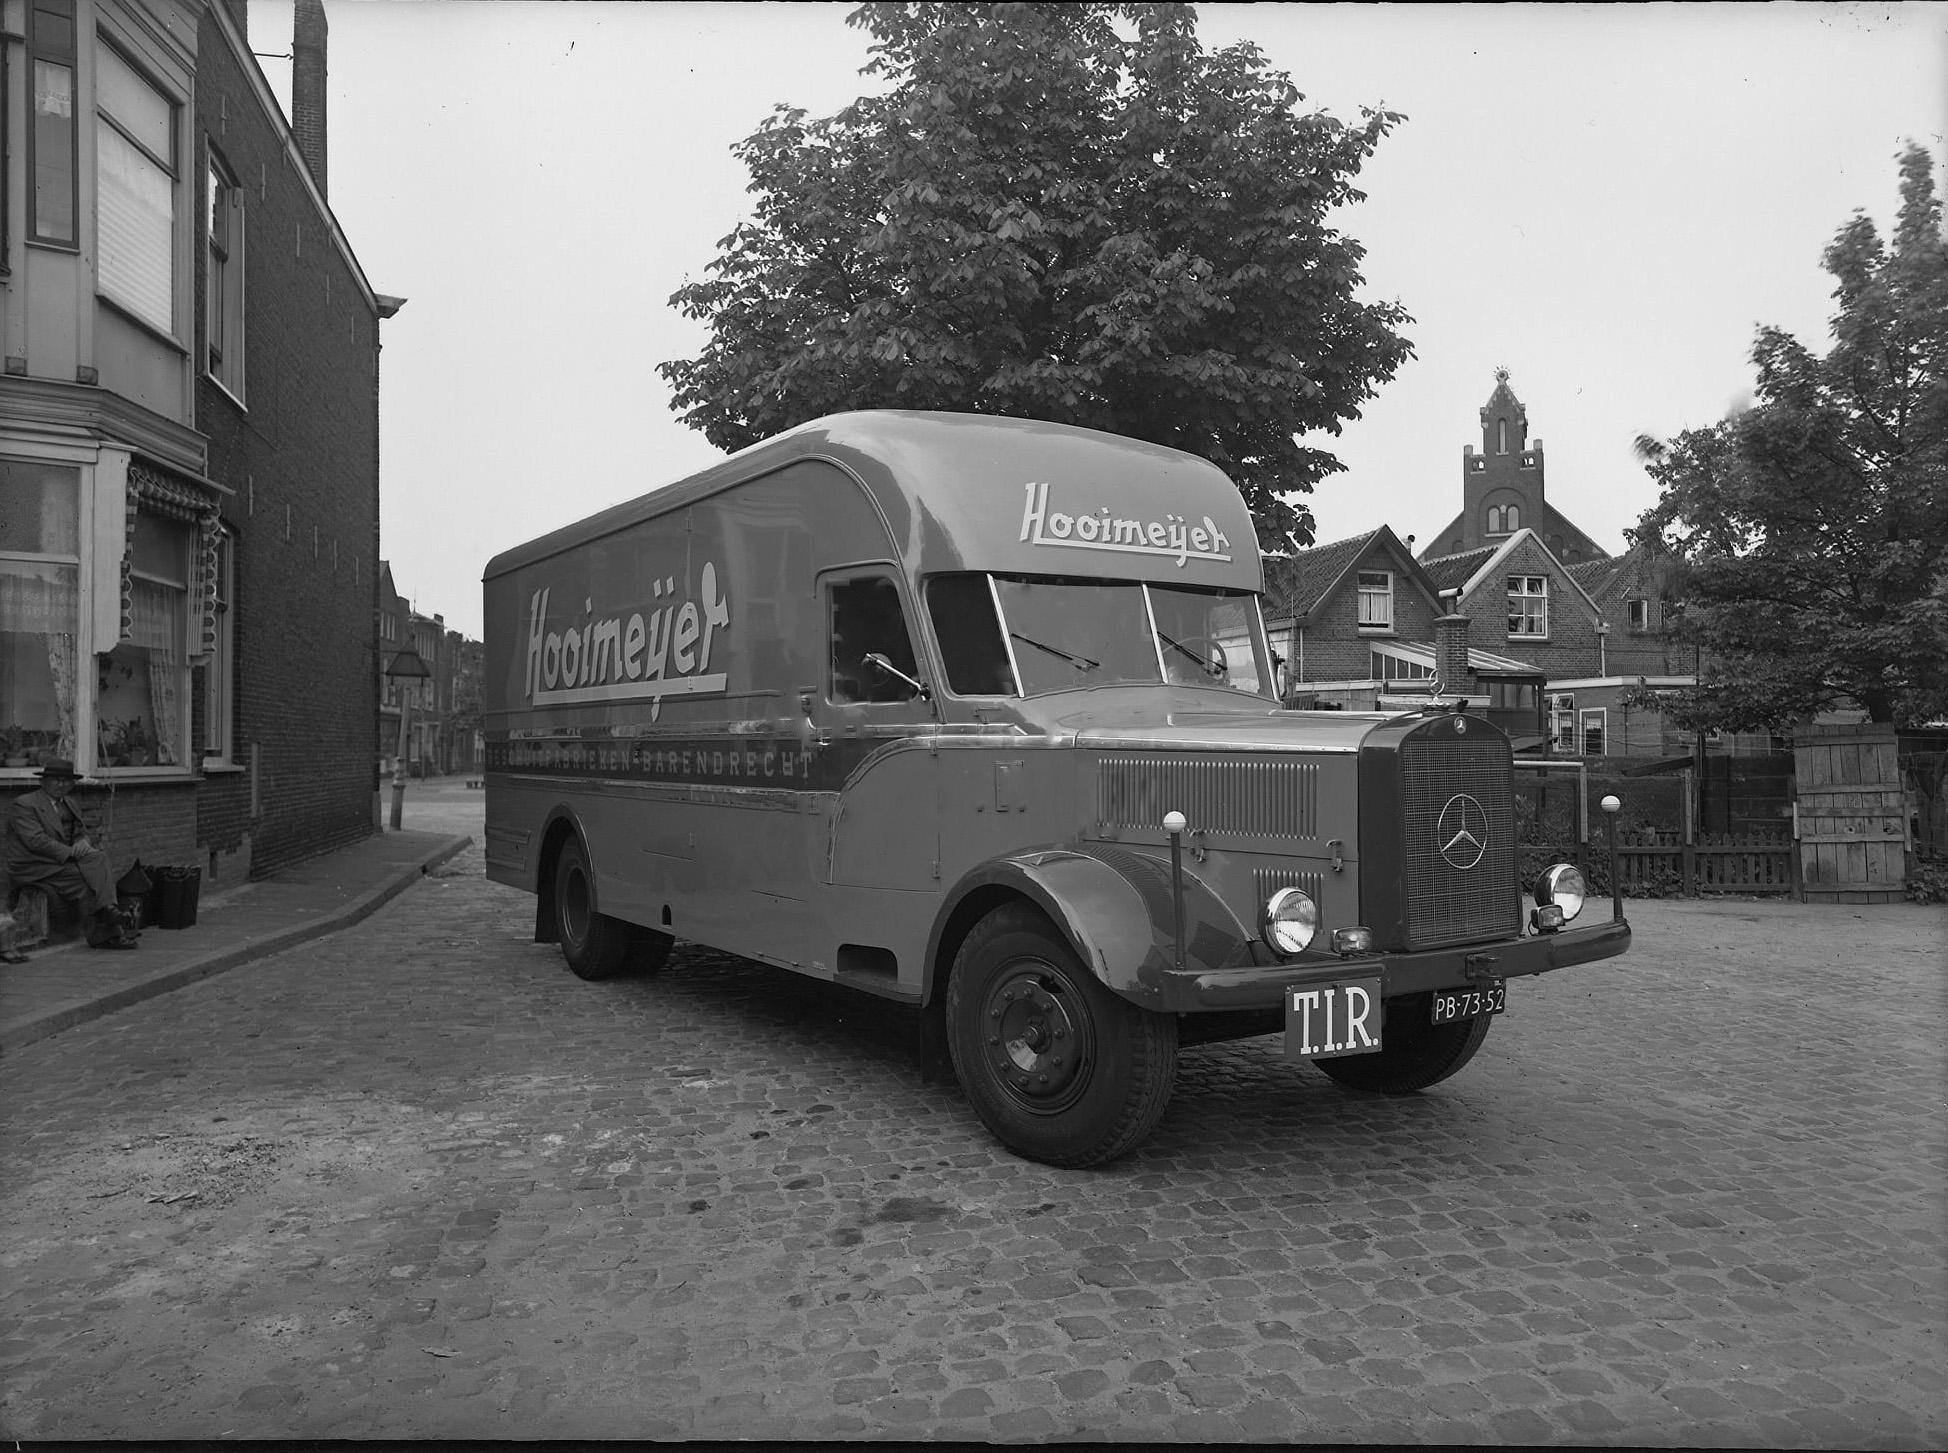 Truck_Hooijmeijer